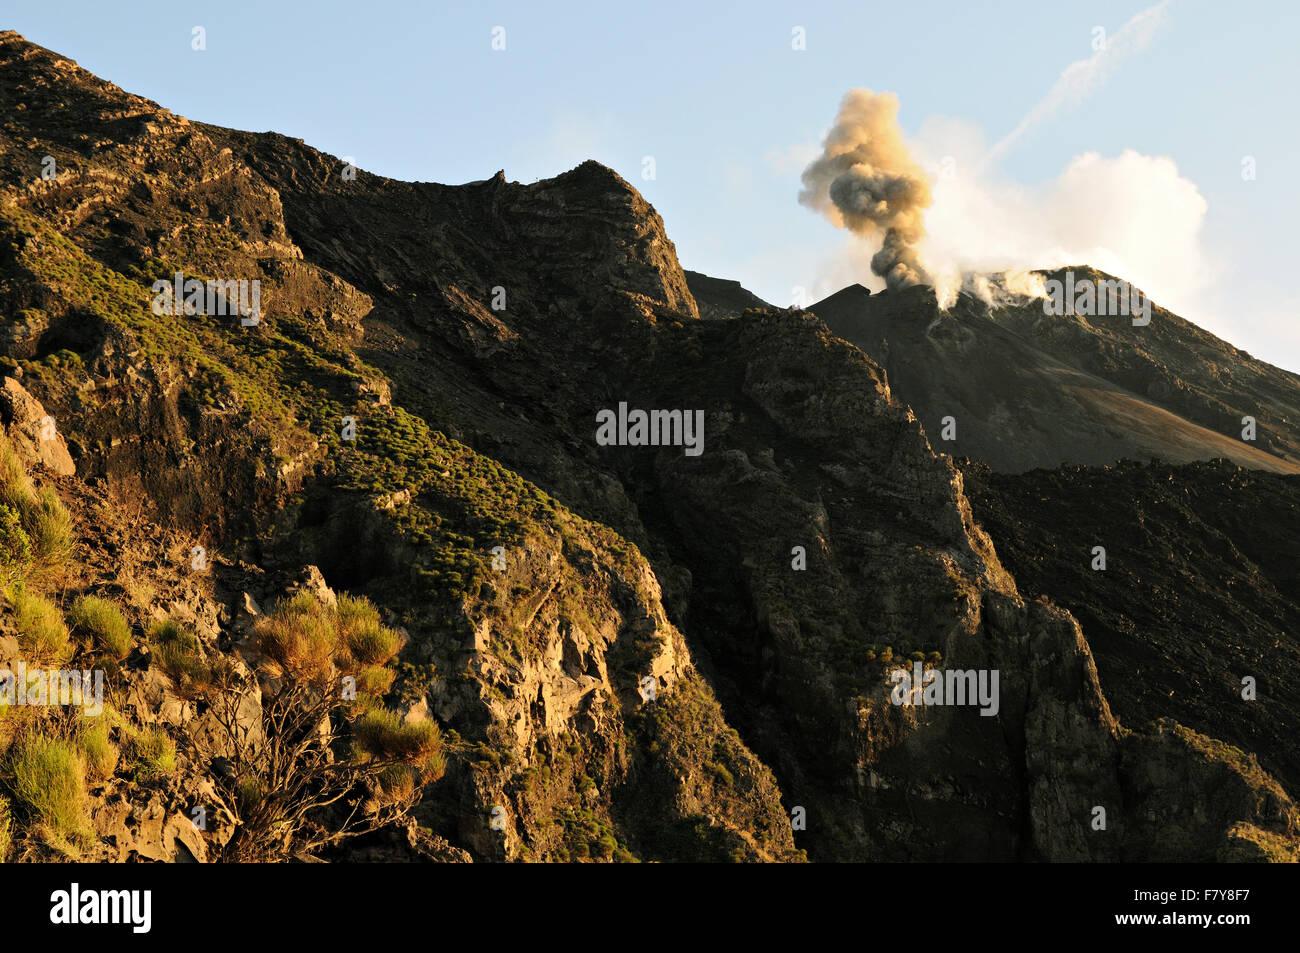 Eruzione di cenere al vulcano Stromboli e le isole Eolie, in Sicilia, Italia Immagini Stock